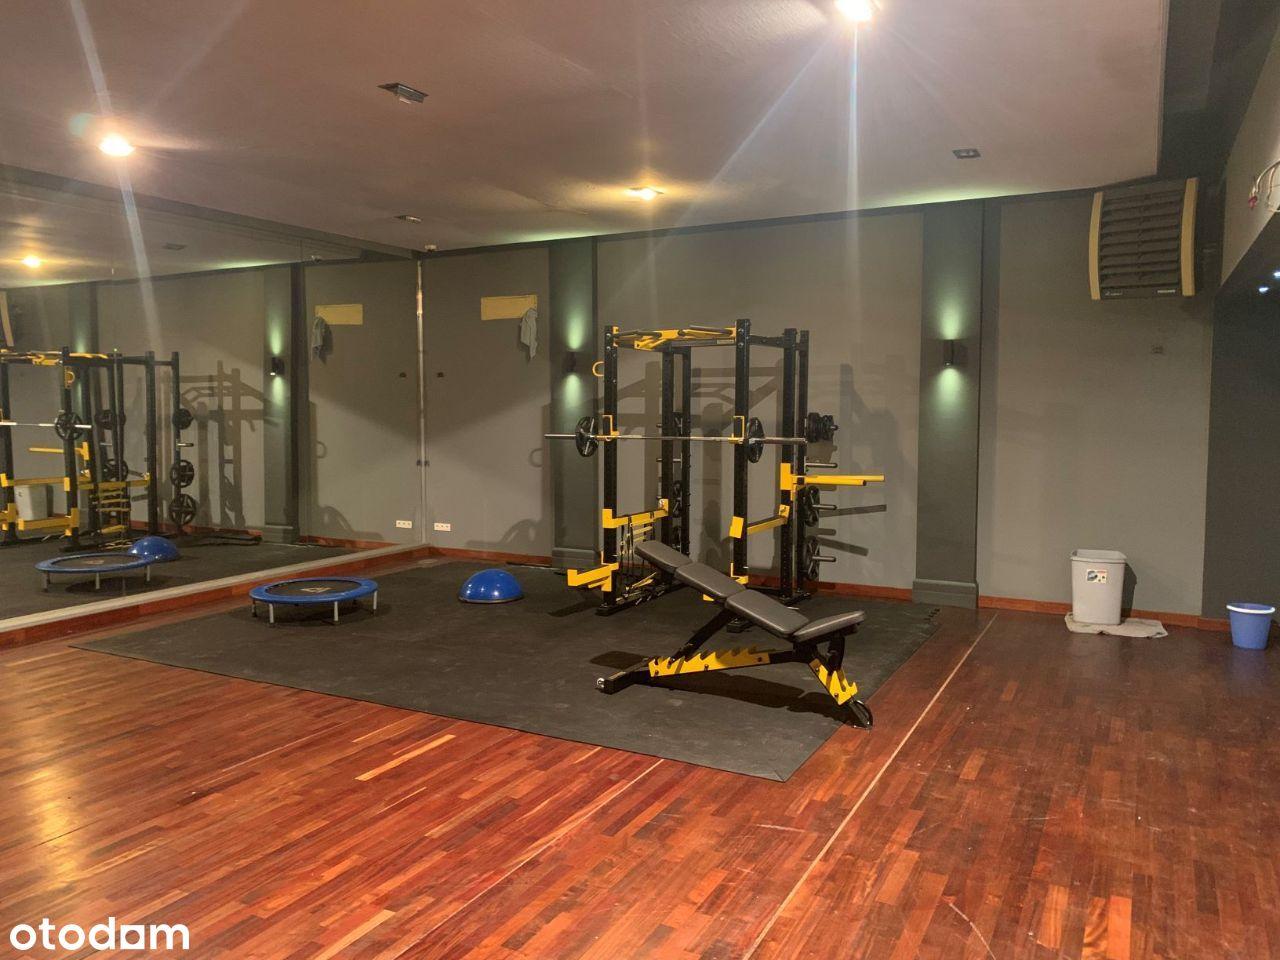 Obiekt do fitnessu, rehabilitacji - centrum